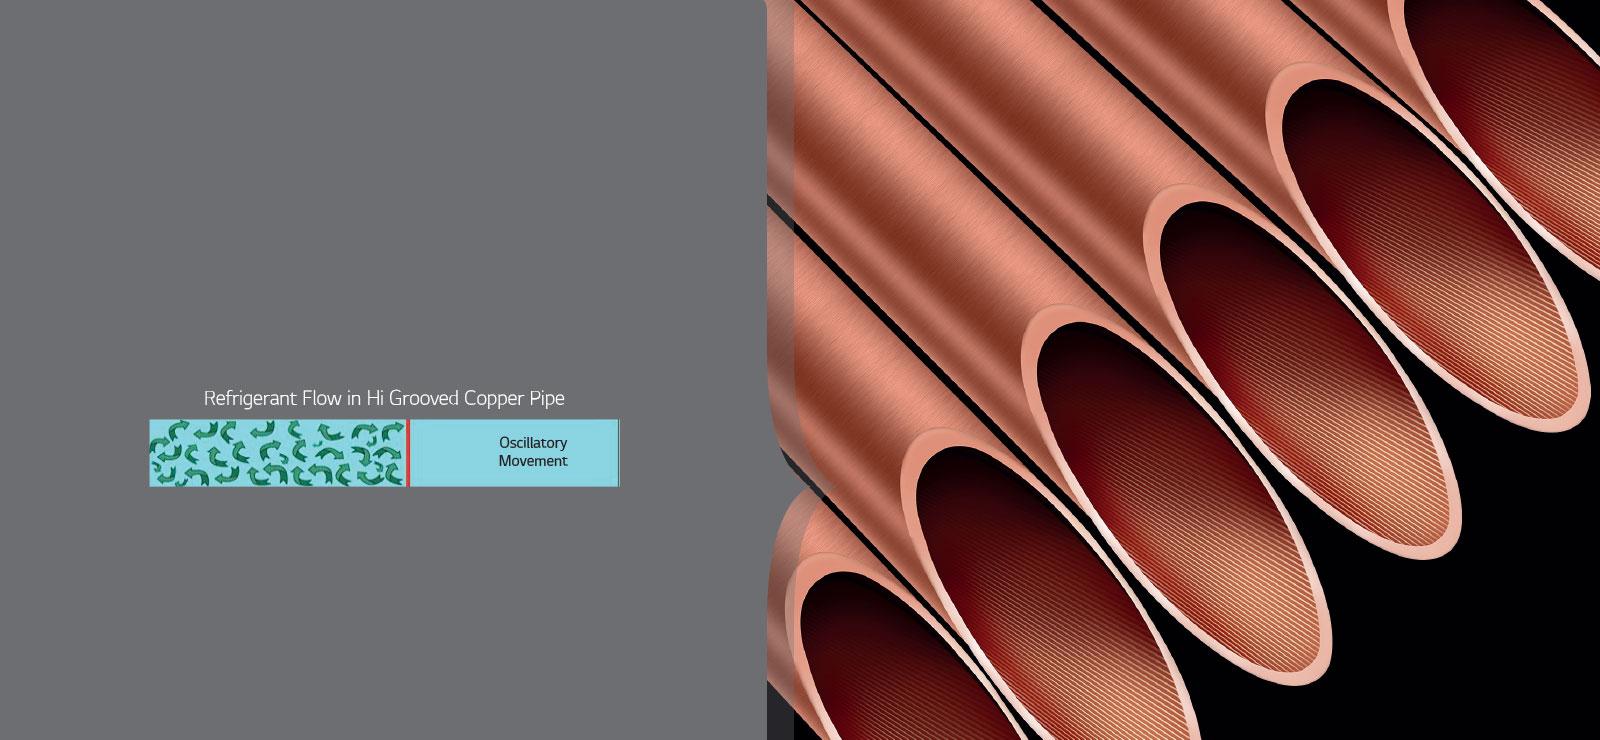 LG LS-Q18GWZA hi-grooved copper